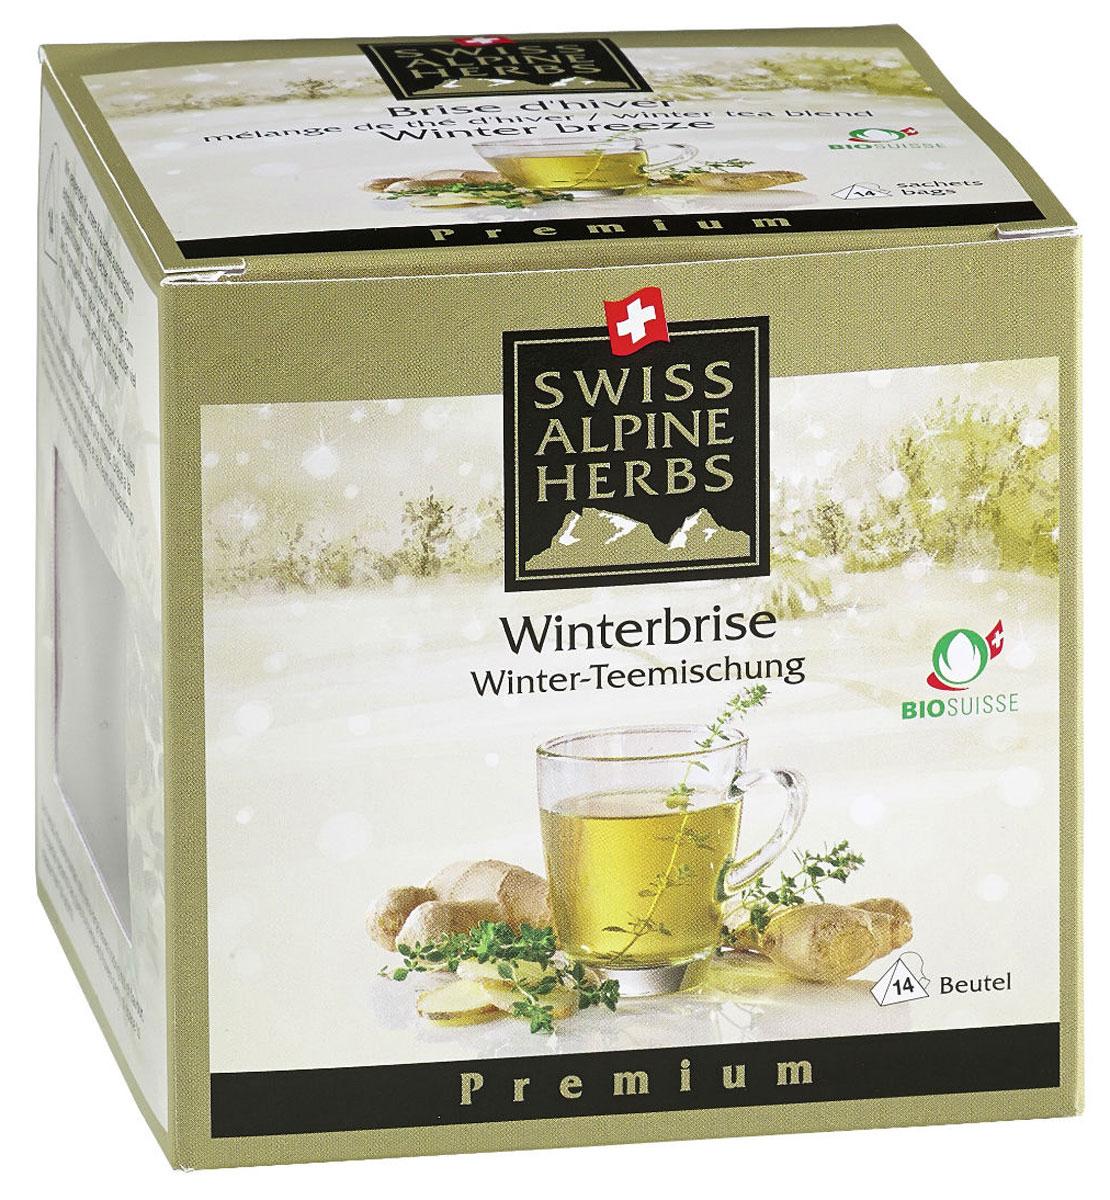 Swiss Alpine Herbs Зимний с имбирем травяной чай в пакетиках, 14 штS8017Элитный чай Swiss Alpine Herbs Зимний в пирамидках - это прекрасное сочетание трав, придающих чаю неповторимый аромат. Собранные на альпийских лугах в Швейцарии тимьян лимонный и имбирь известны своими целебными свойствами.